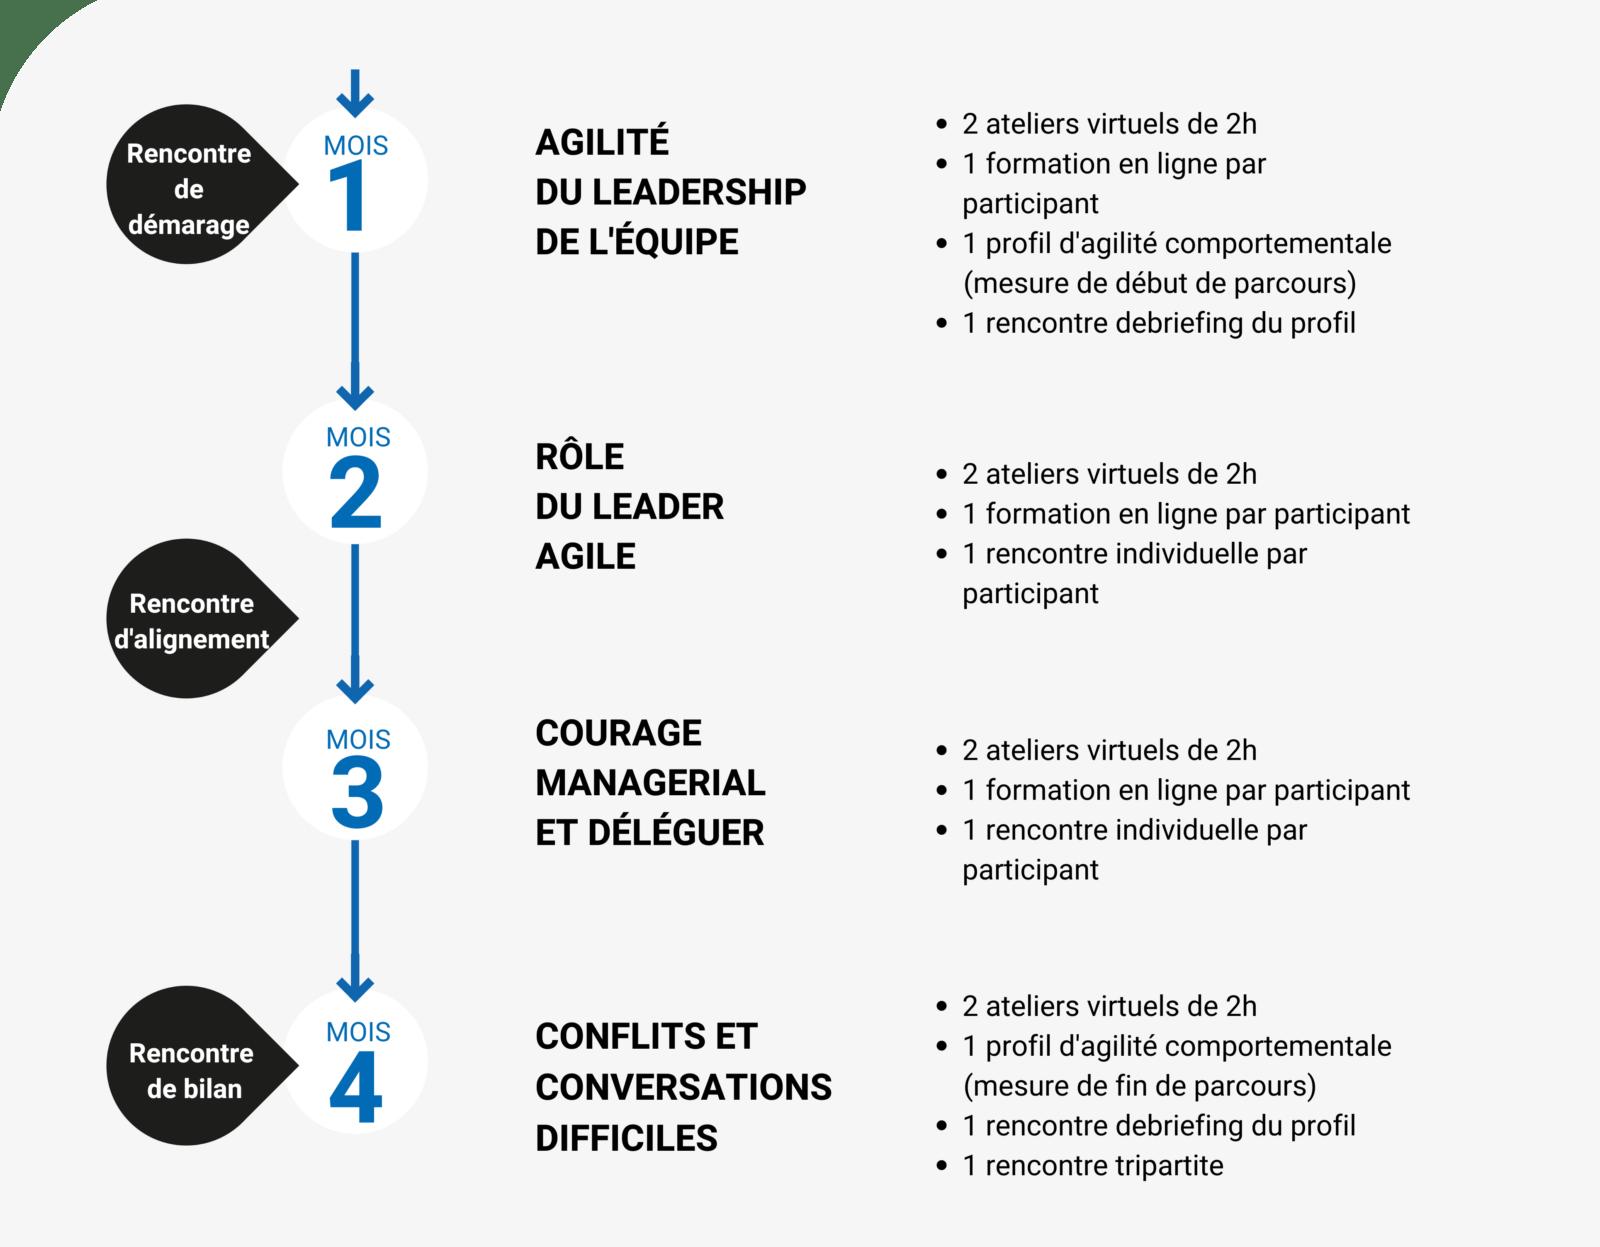 Parcours_de_leadership_pour_équipe_de_direction